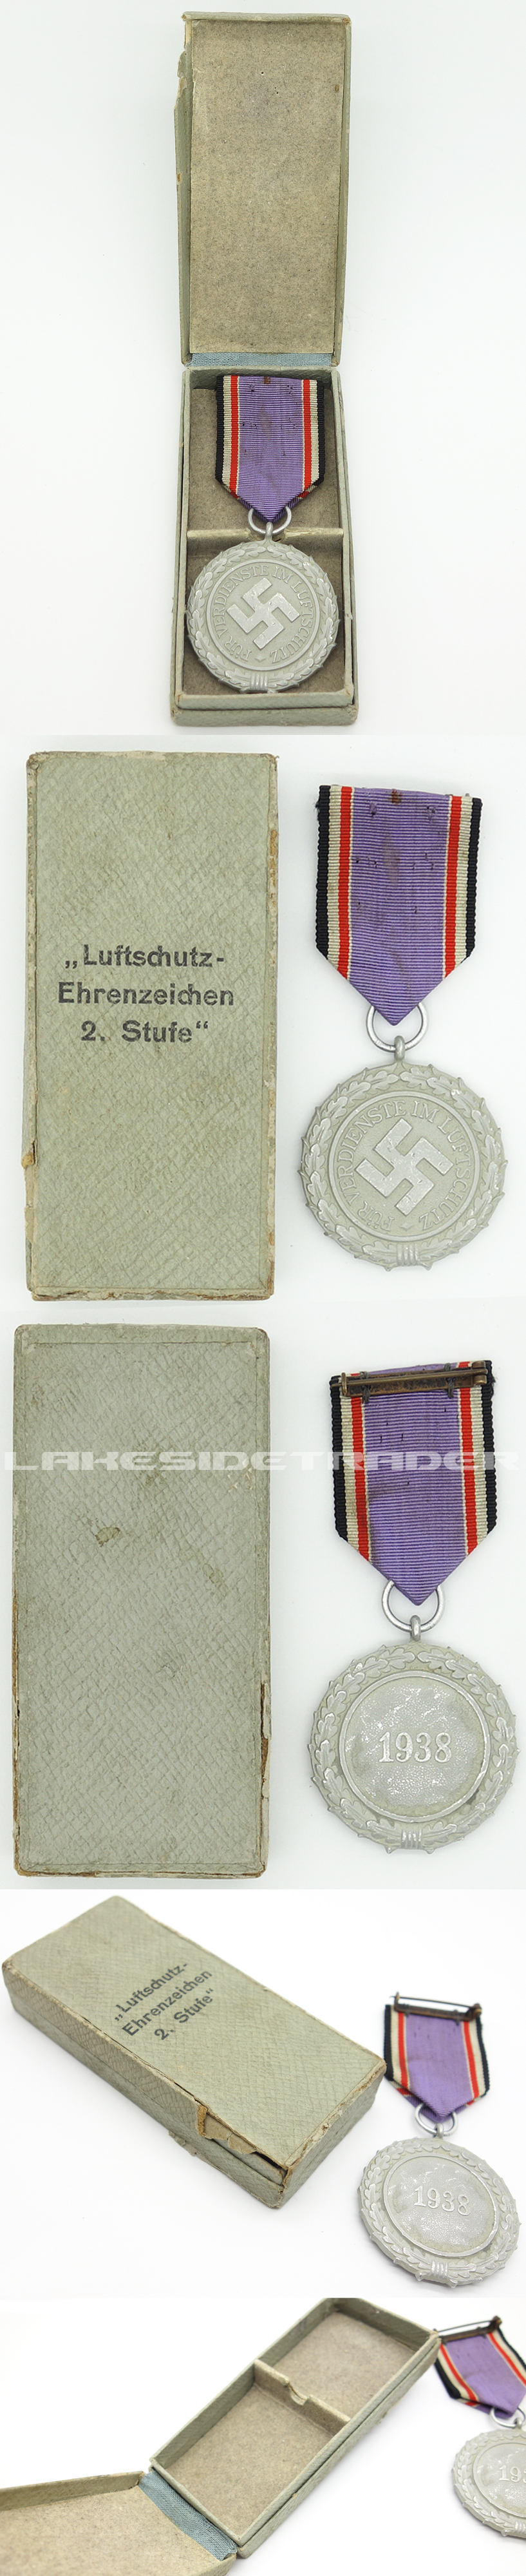 Cased 2nd Class Luftschutz Medal